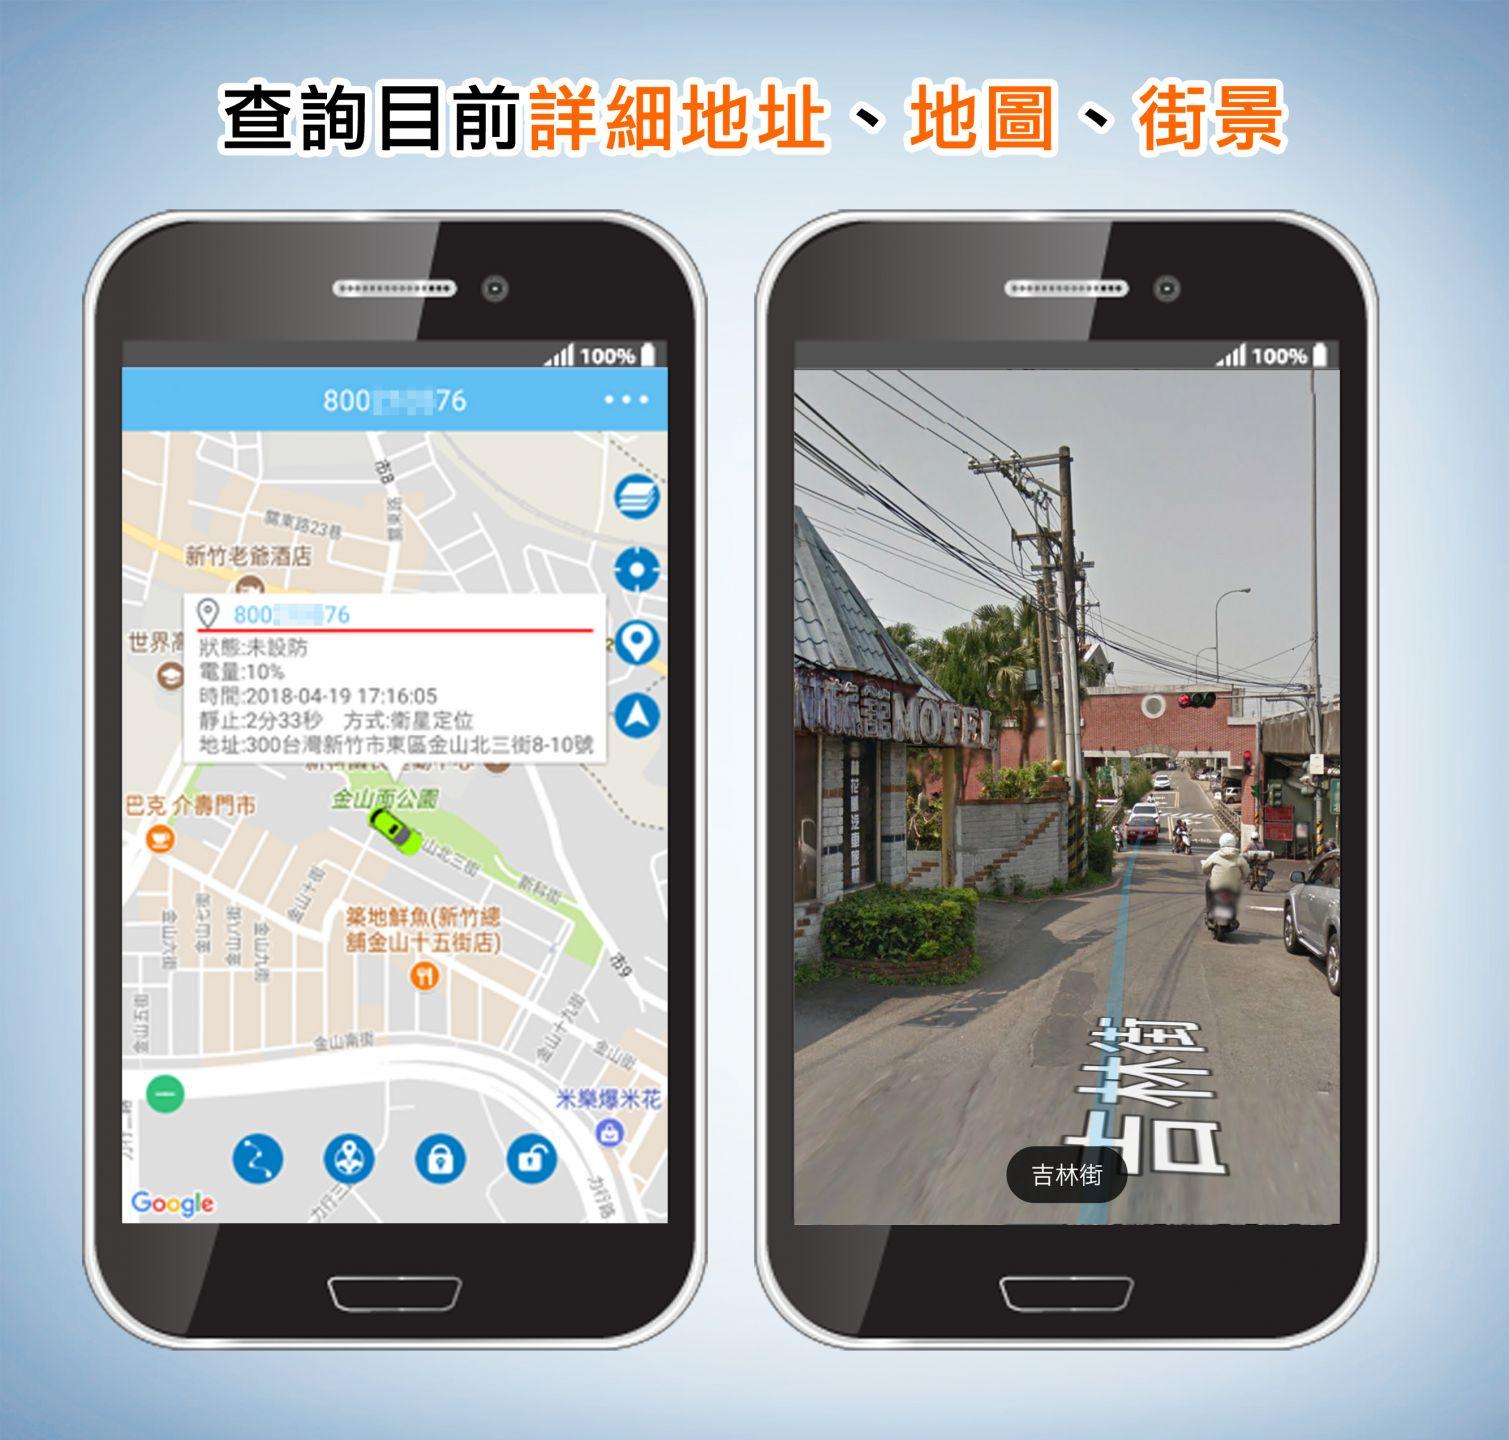 汽機車GPS衛星追蹤器,查詢目前詳細地址、地圖、街景